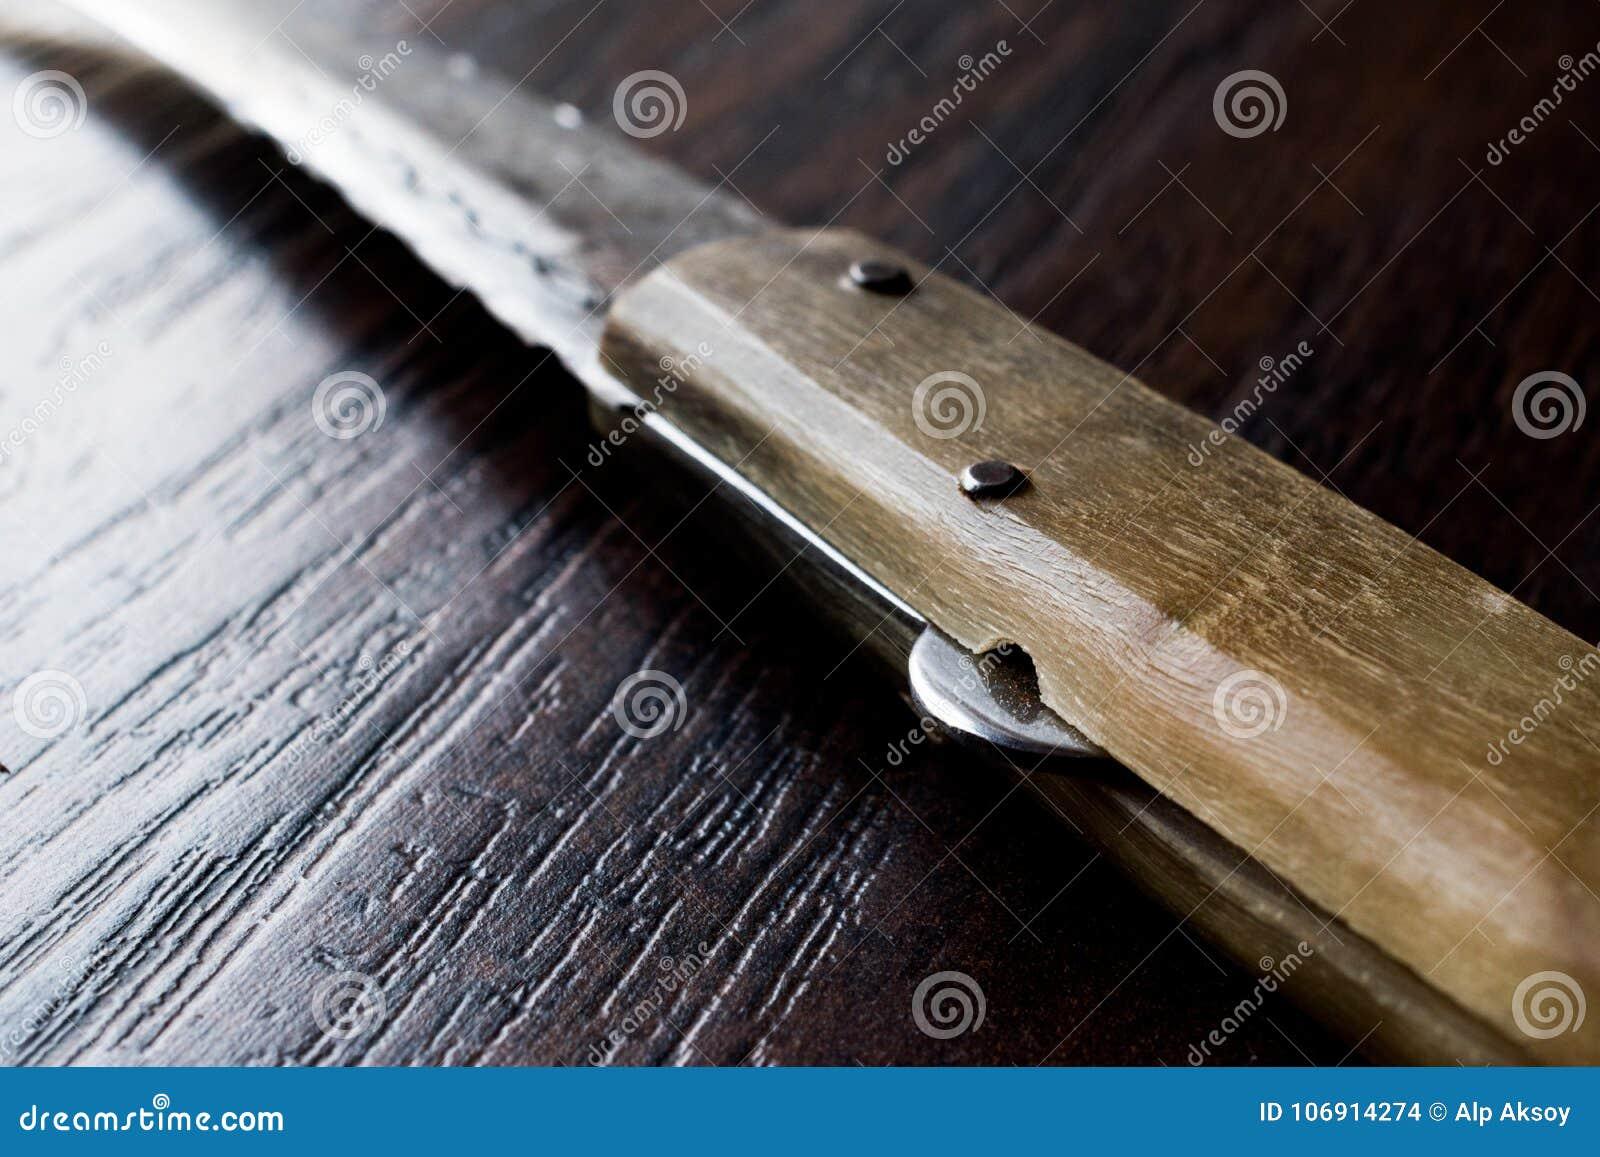 Handmade Drewniany Kieszeniowy nóż na zmrok powierzchni